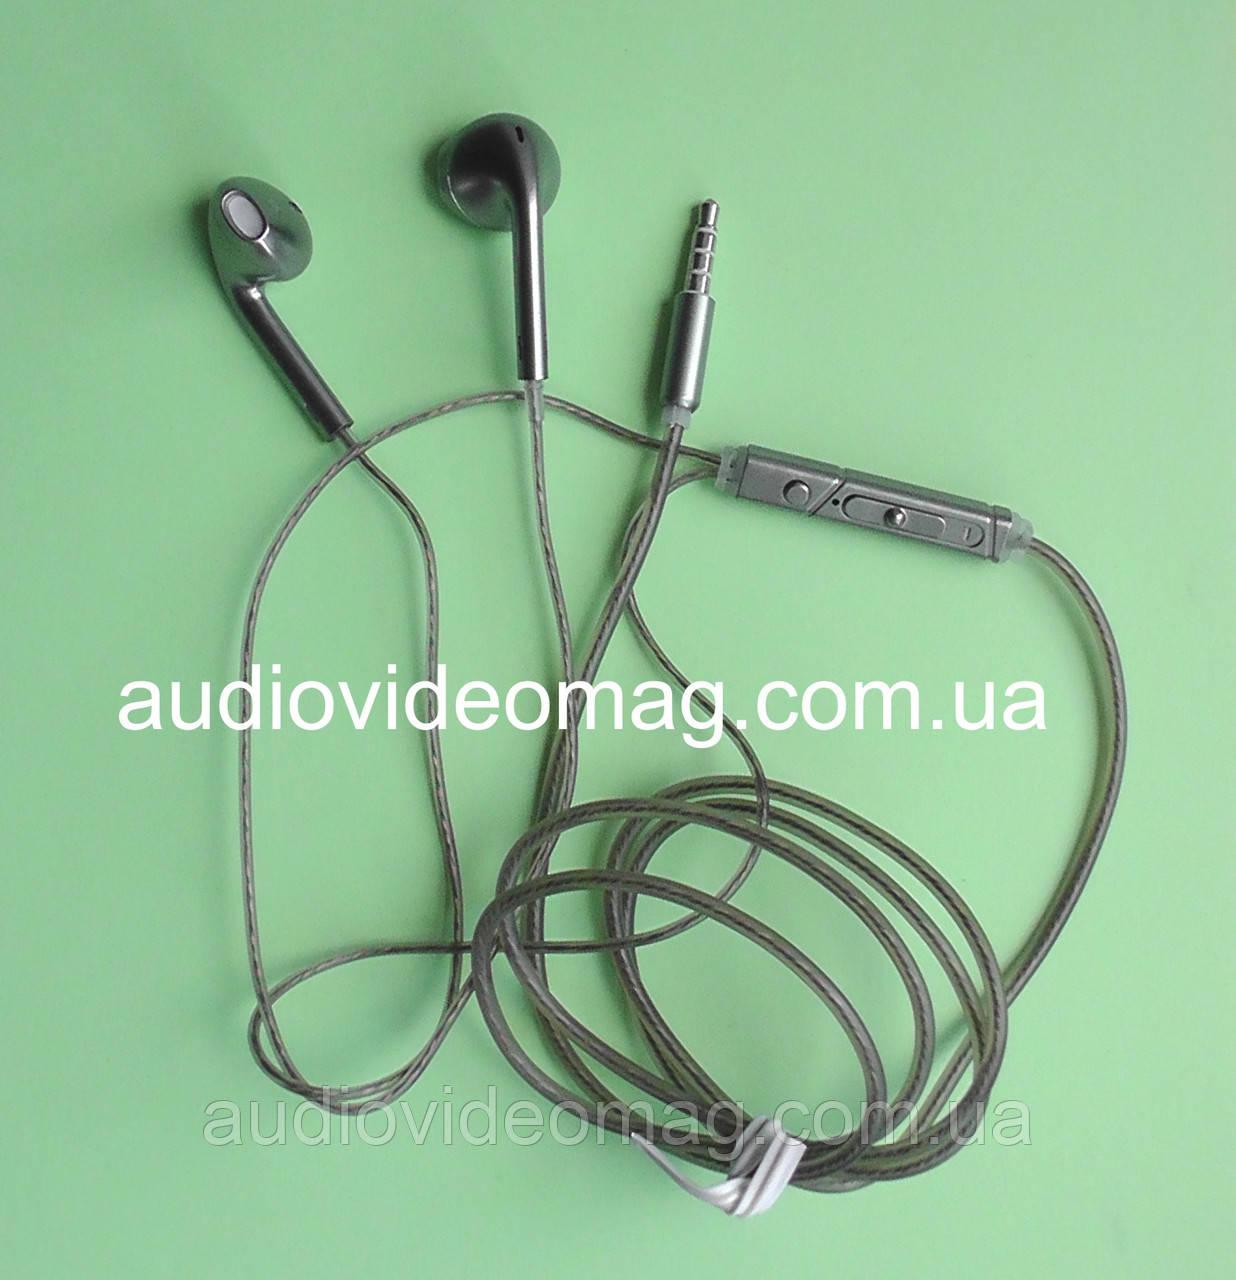 Гарнитура (наушники с микрофоном) X3 для смартфонов, цвет - серебристый